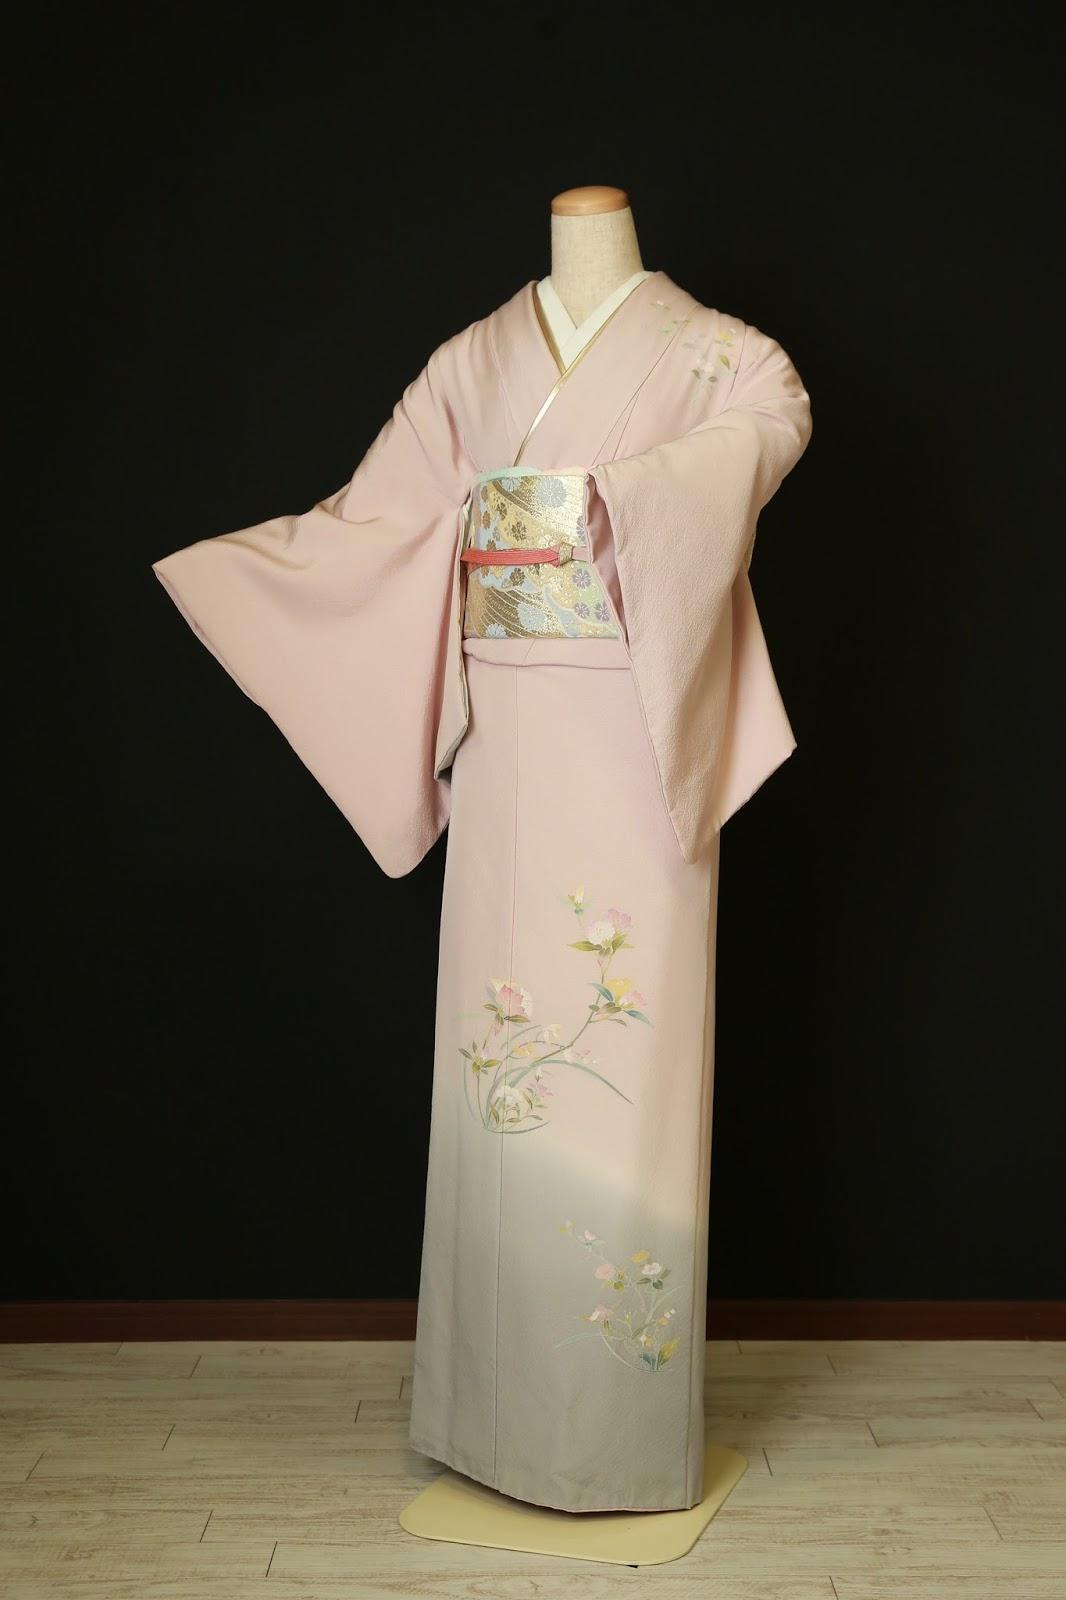 衣装カタログ   スタジオパセラ横浜関内店   SH-006薄紫正絹 着丈162cm/裄68cm※帯・小物類はイメージの為、写真とは別の物になる場合があります。